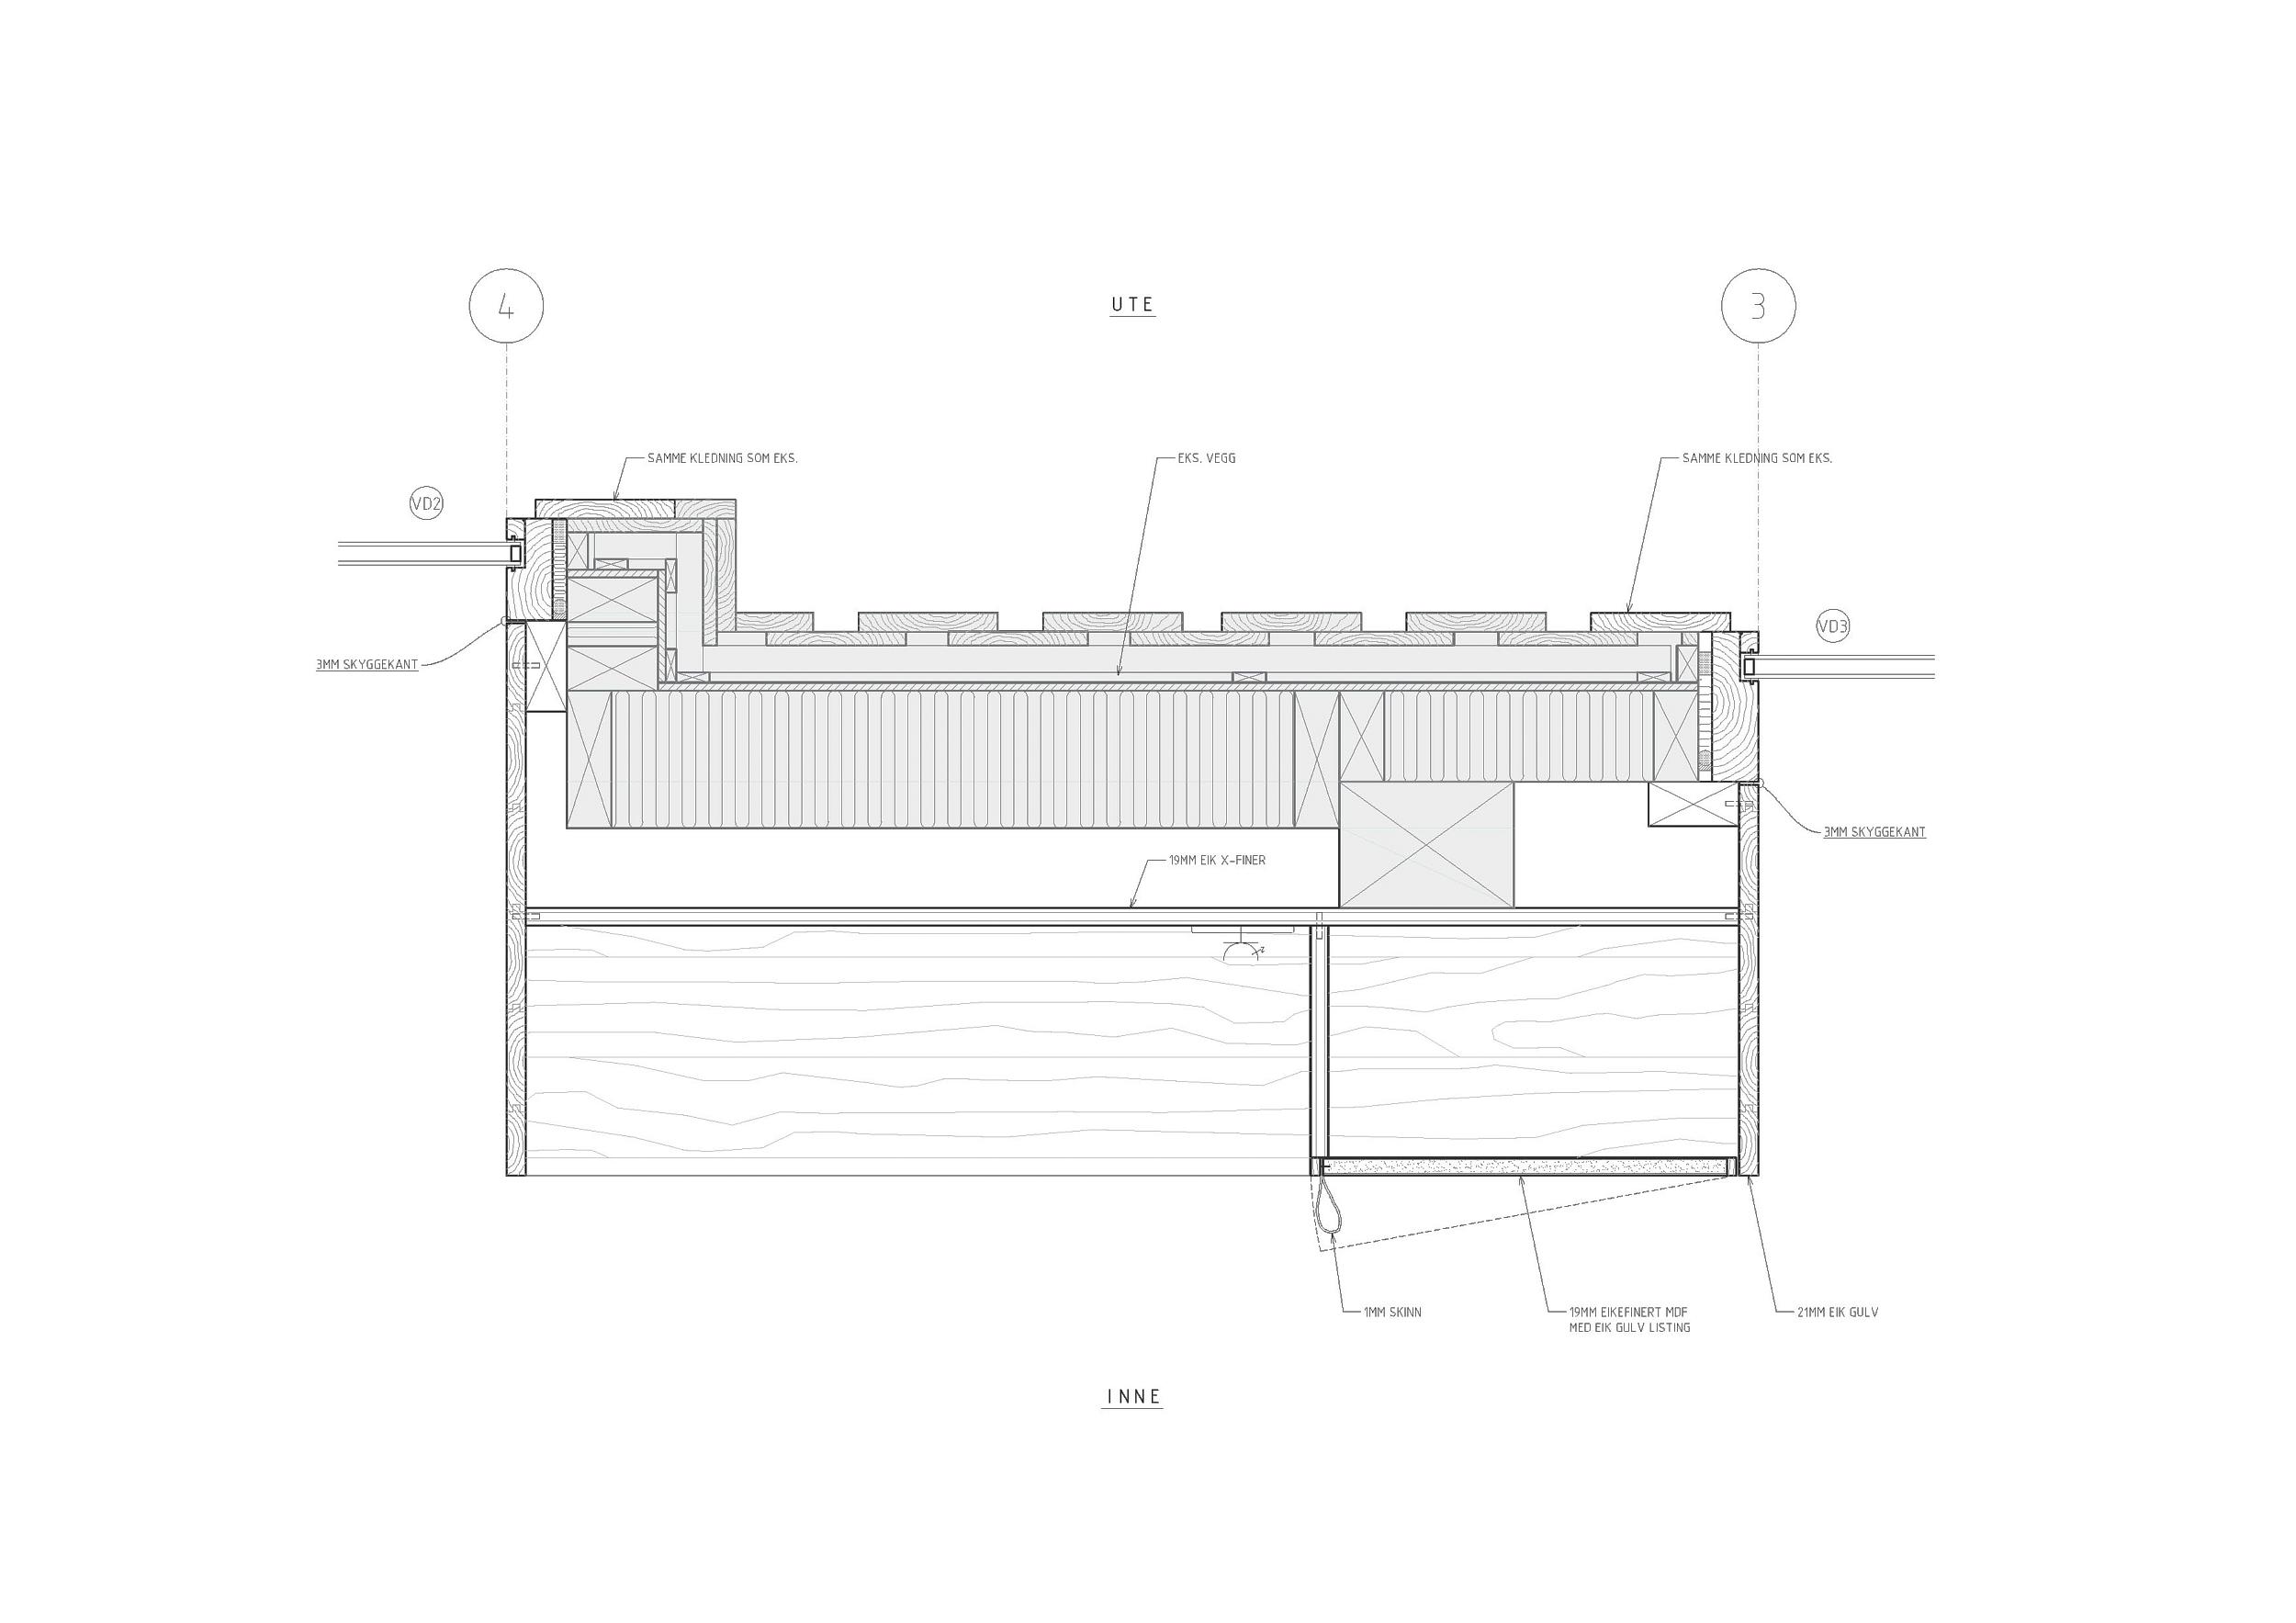 181205 Detail drawings for medias 2-2_1.jpg